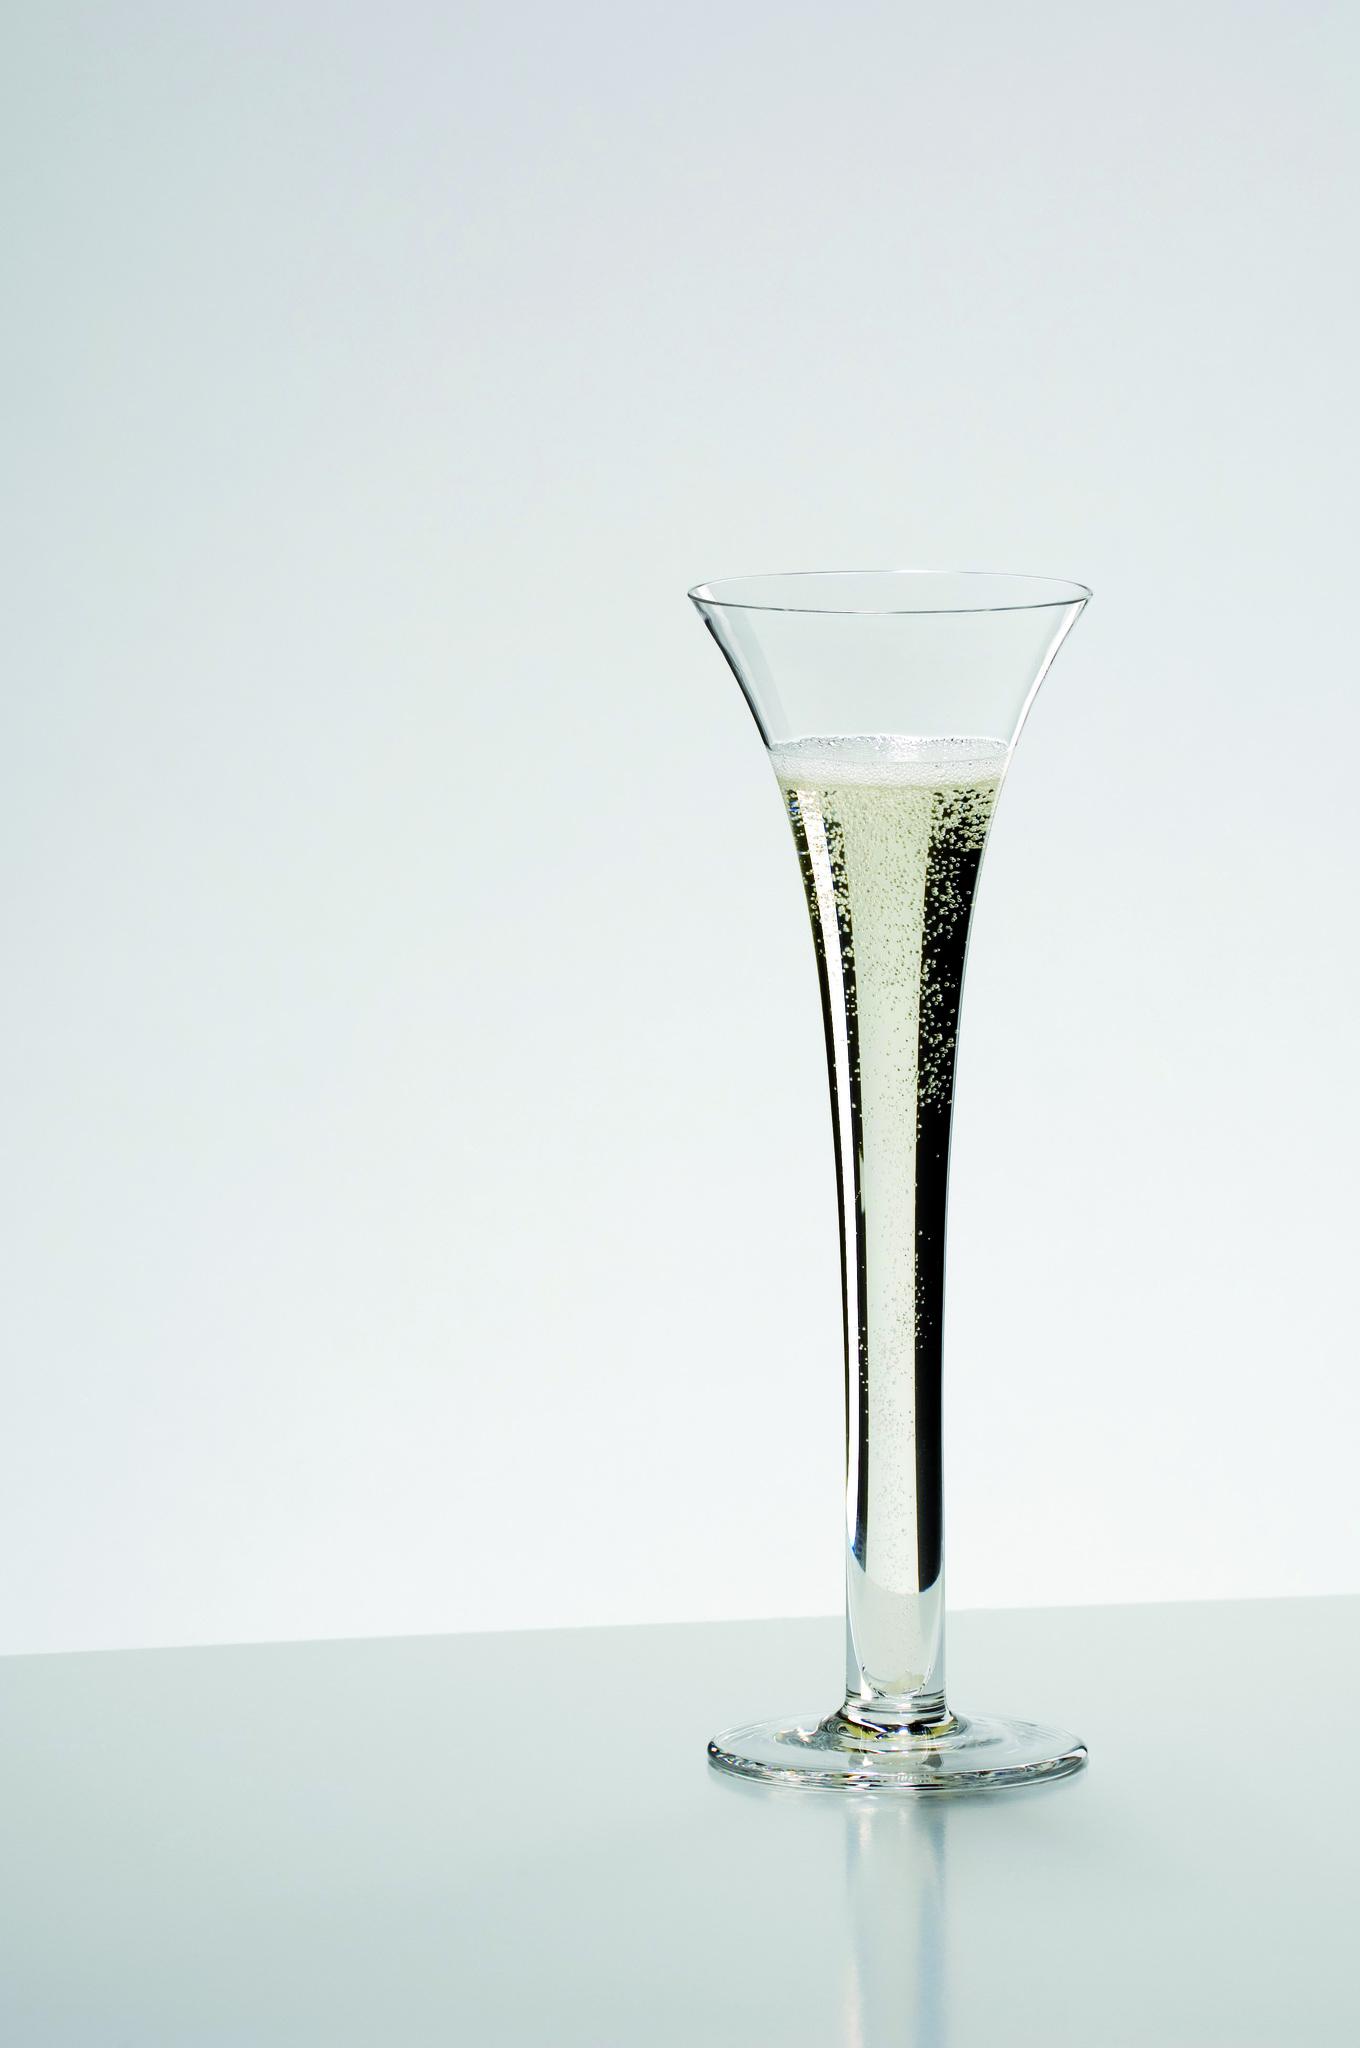 Бокалы Бокал для игристого вина 110мл Riedel Sommeliers Sparkling Wine bokal-dlya-igristogo-vina-110-ml-riedel-sparkling-wine-avstriya.jpg